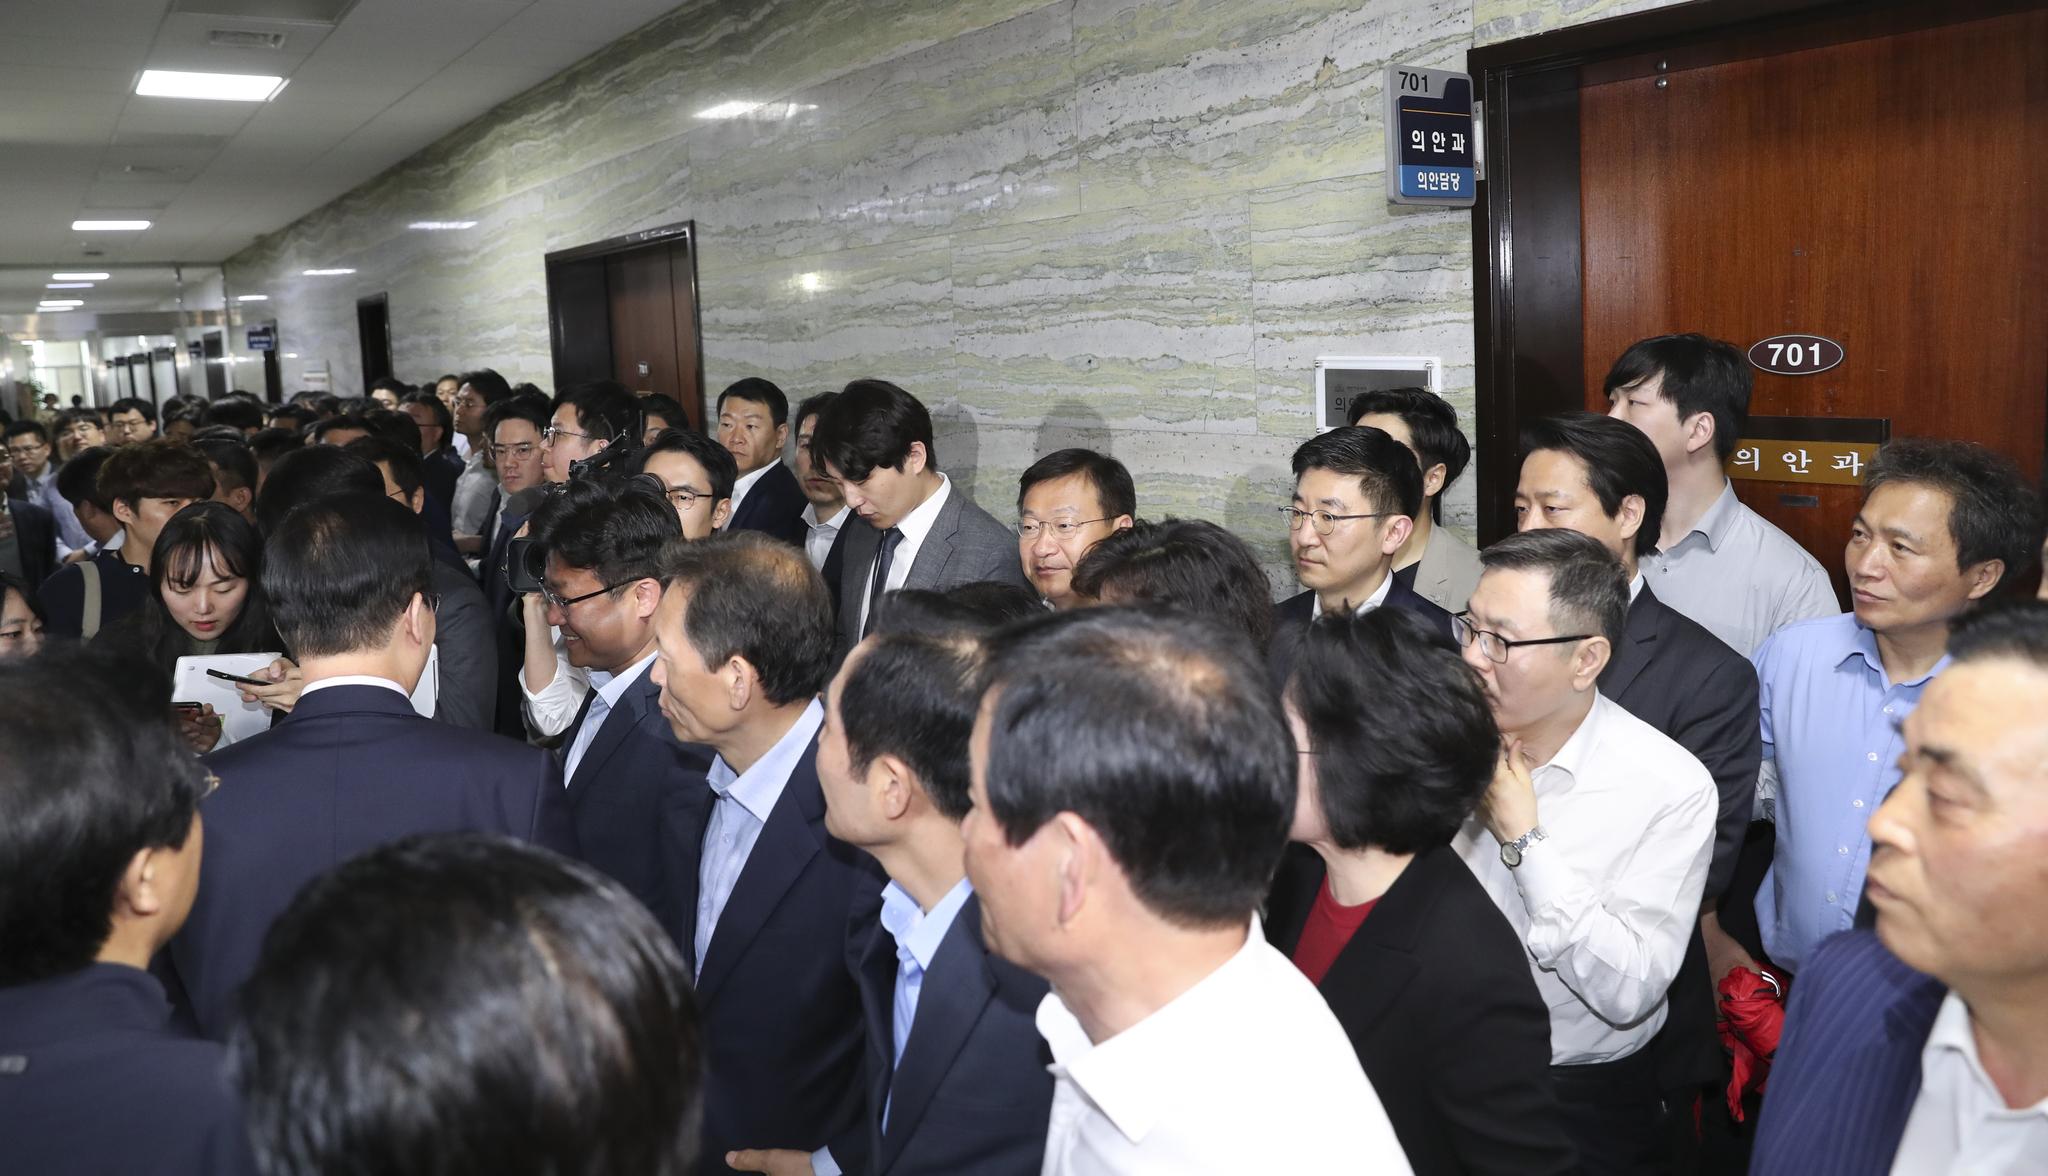 민주당 신경민, 안민석, 김경협 의원이 26일 오전 국회 본청 의안과에 모습을 드러내자 자유한국당 의원과 관계자들이 집결하고 있다. 임현동 기자